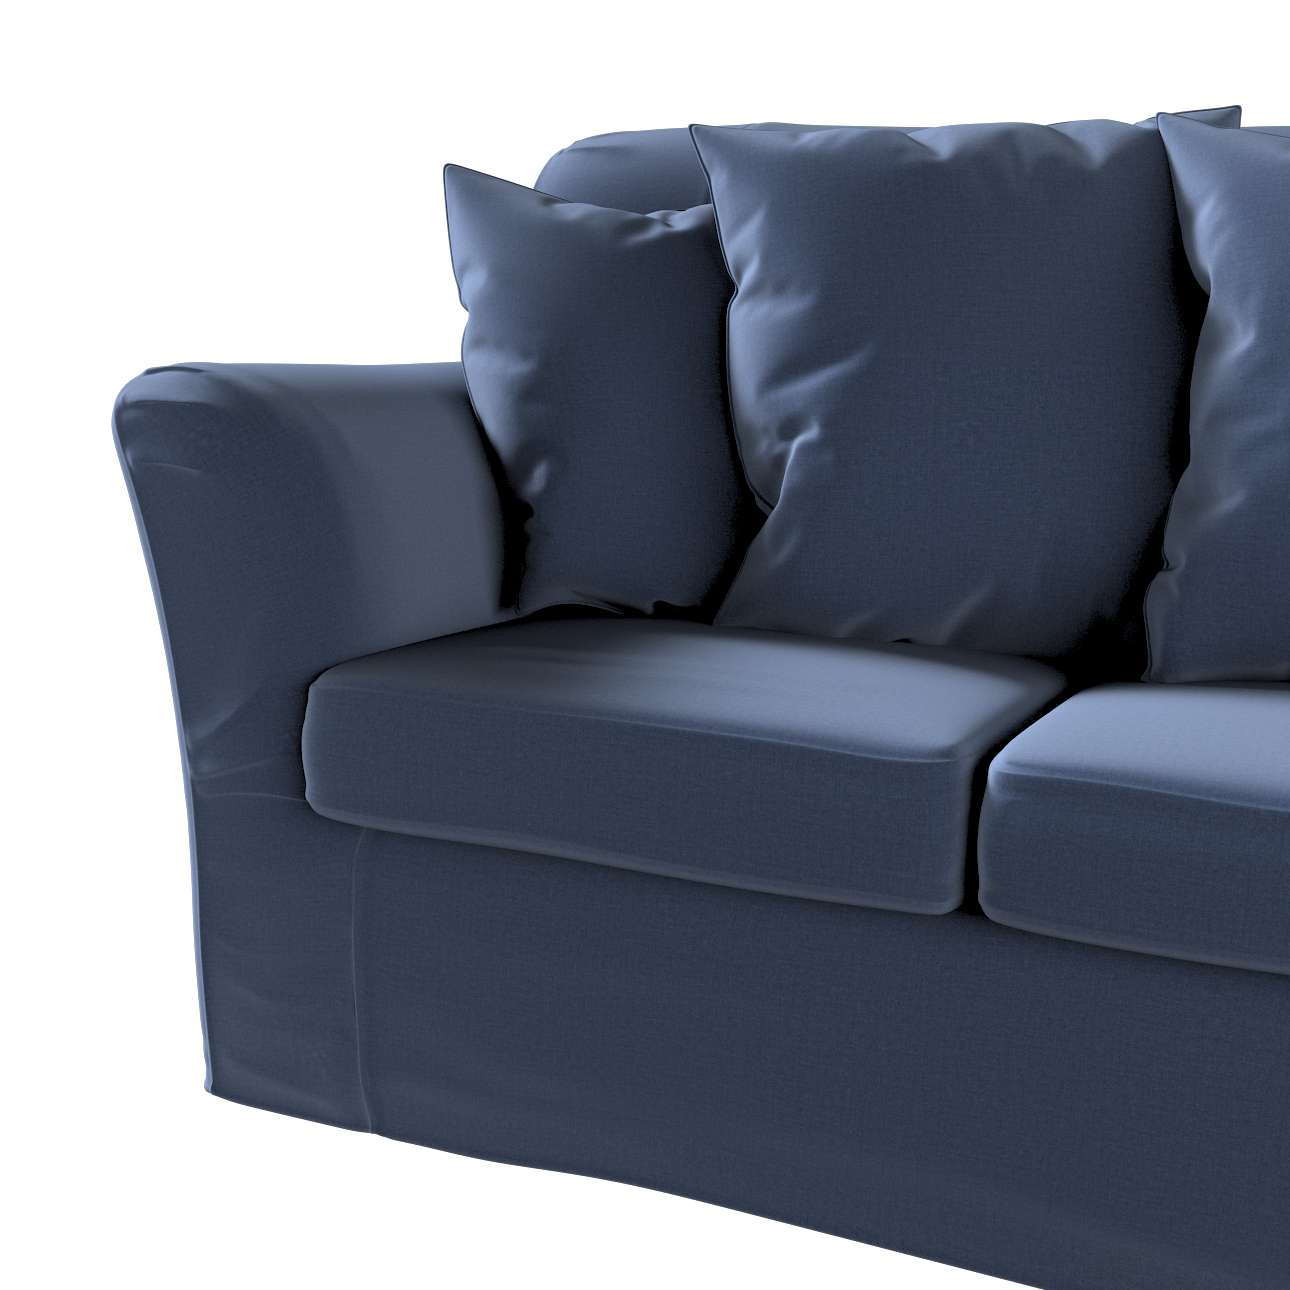 Pokrowiec na sofę Tomelilla 3-osobową nierozkładaną w kolekcji Ingrid, tkanina: 705-39